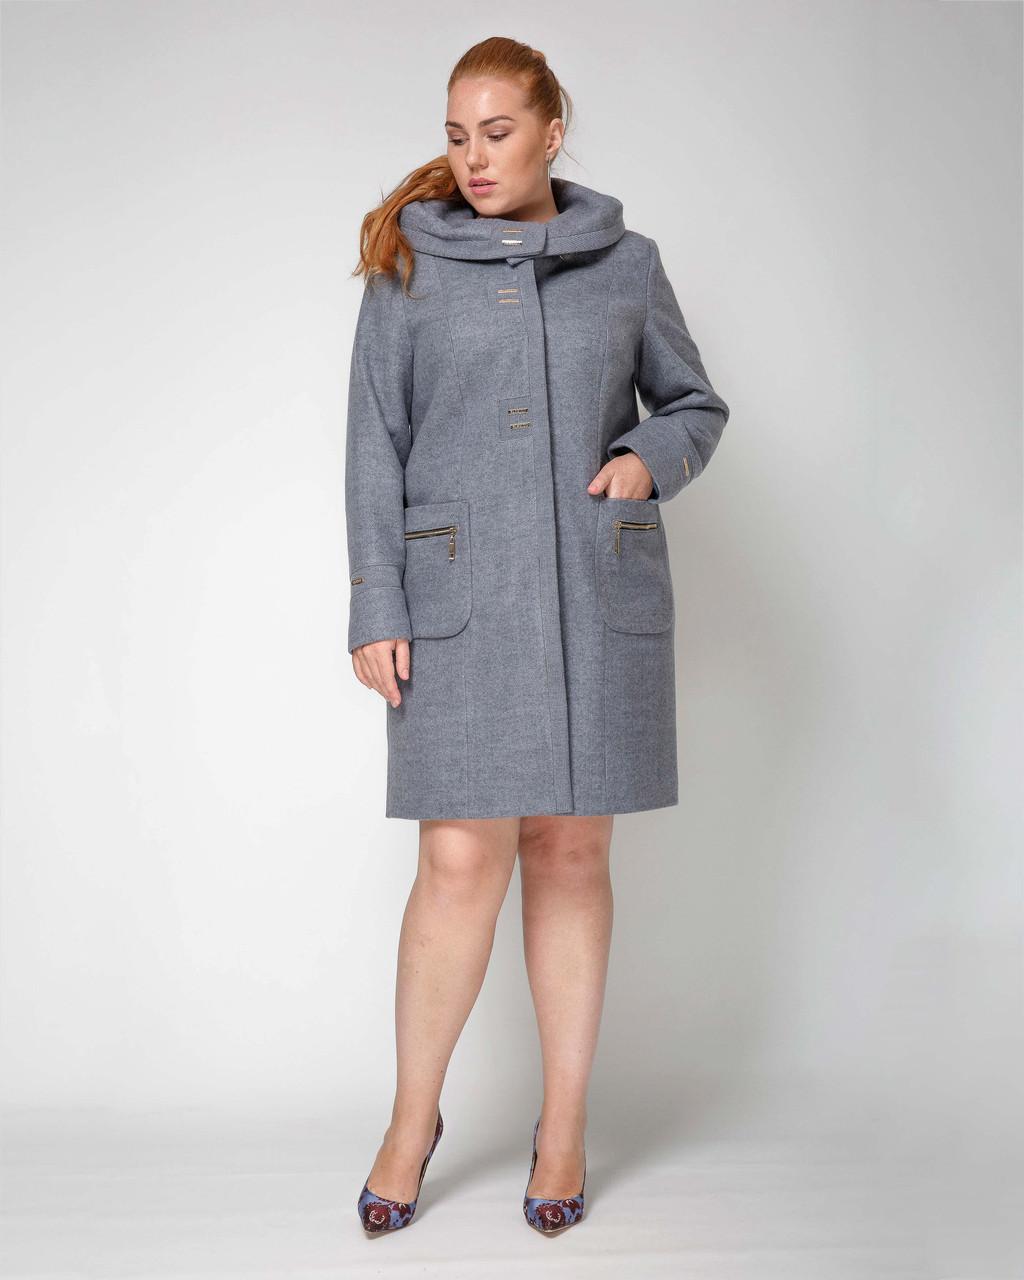 Елегантне пальто з капюшоном з 50 по 62 розмір